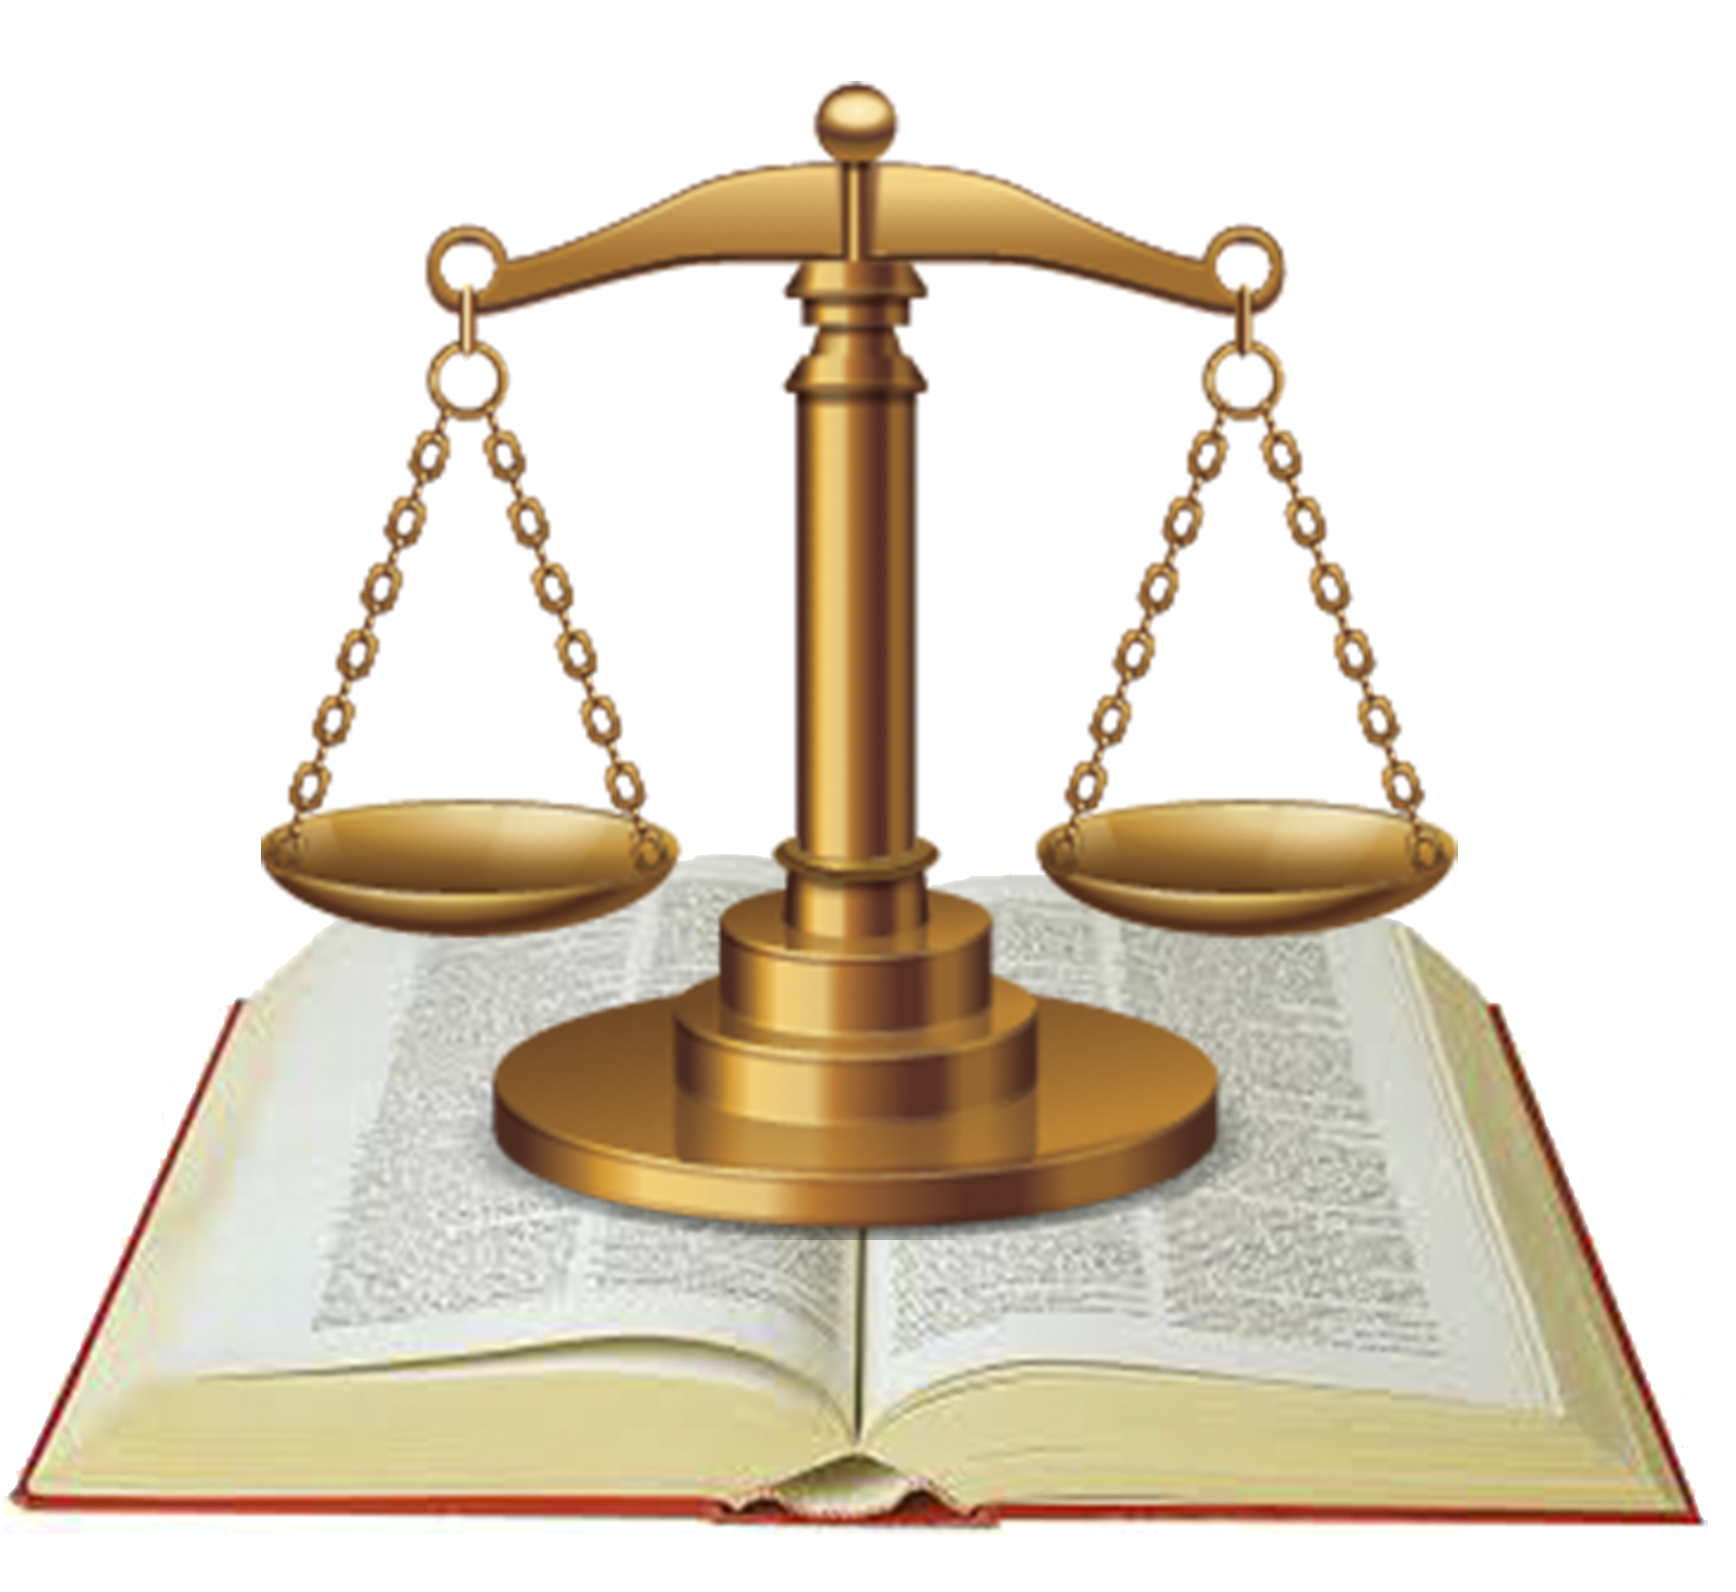 موضوعات أبحاث مقرارات المستوي الثاني - الفرصة الثانية ( شعبة التعليم المفتوح - كلية الحقوق ) والرابط الخاص بكل مقرر الفصل الدراسي الثاني 2019-2020م